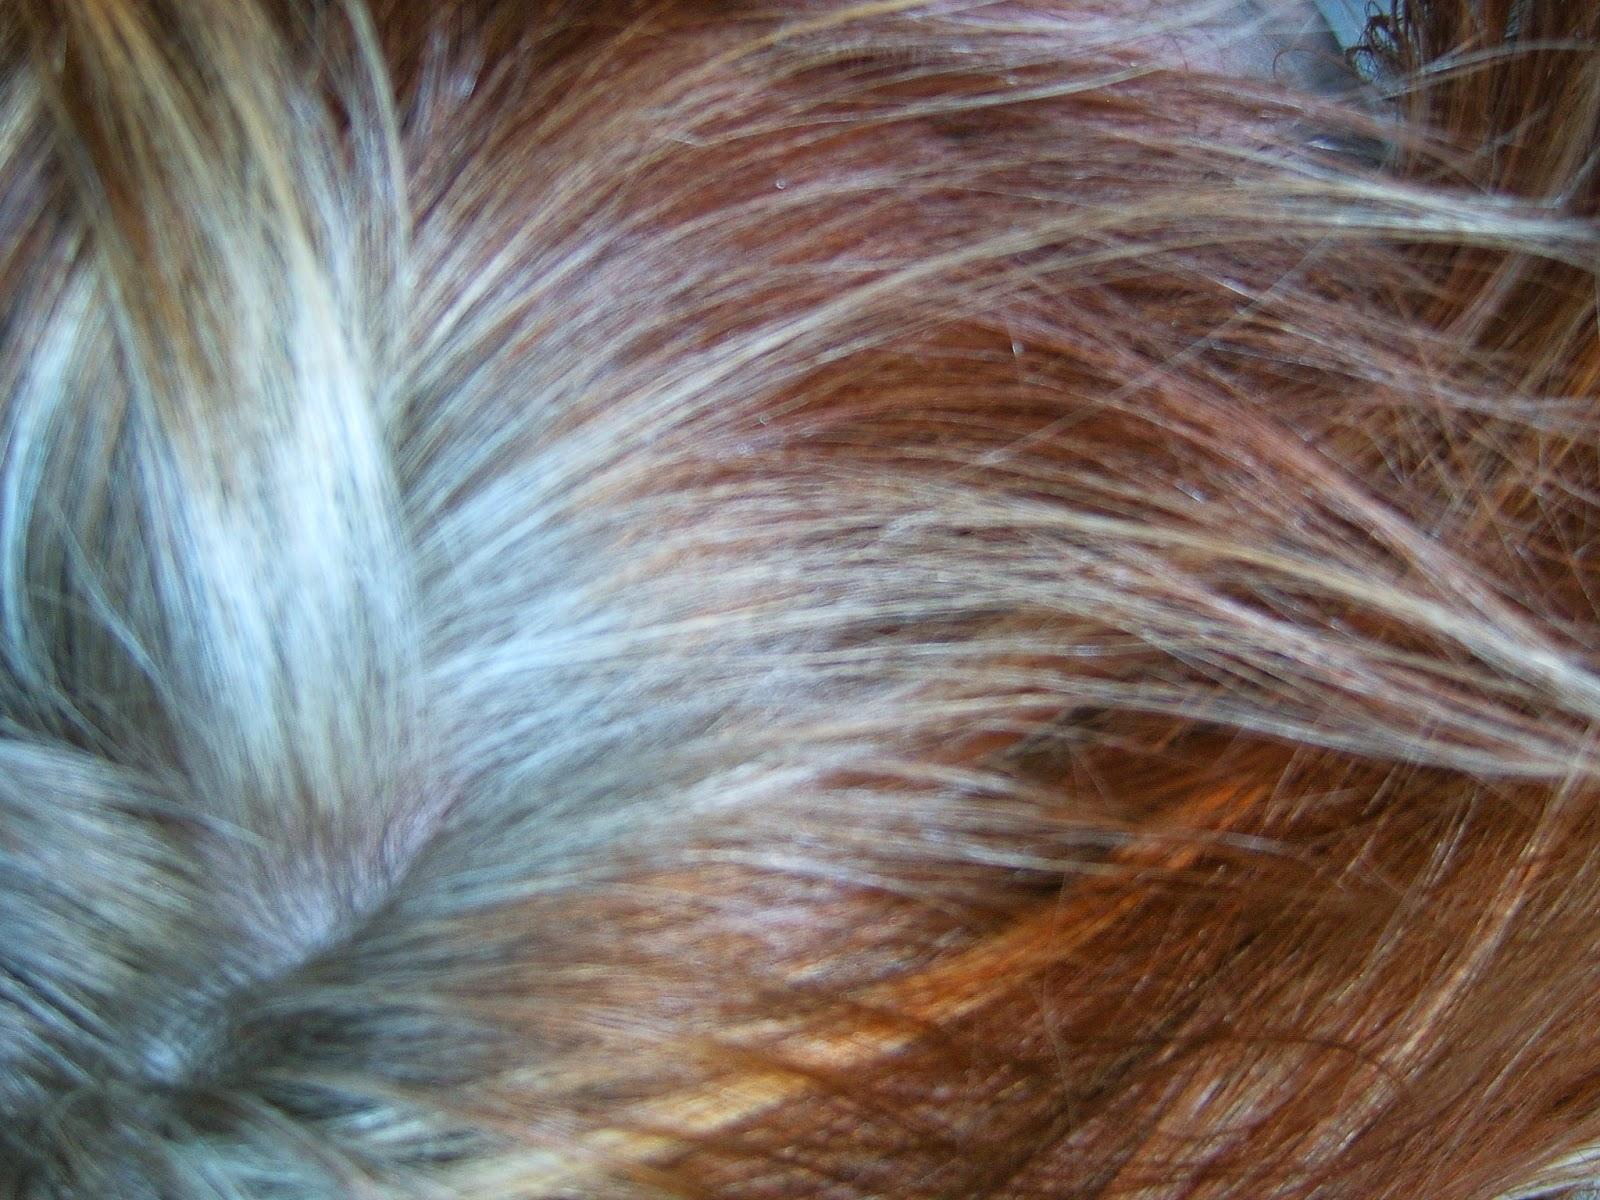 natural beauty hair faire une d coloration suite plusieurs henn s mon exp rience. Black Bedroom Furniture Sets. Home Design Ideas